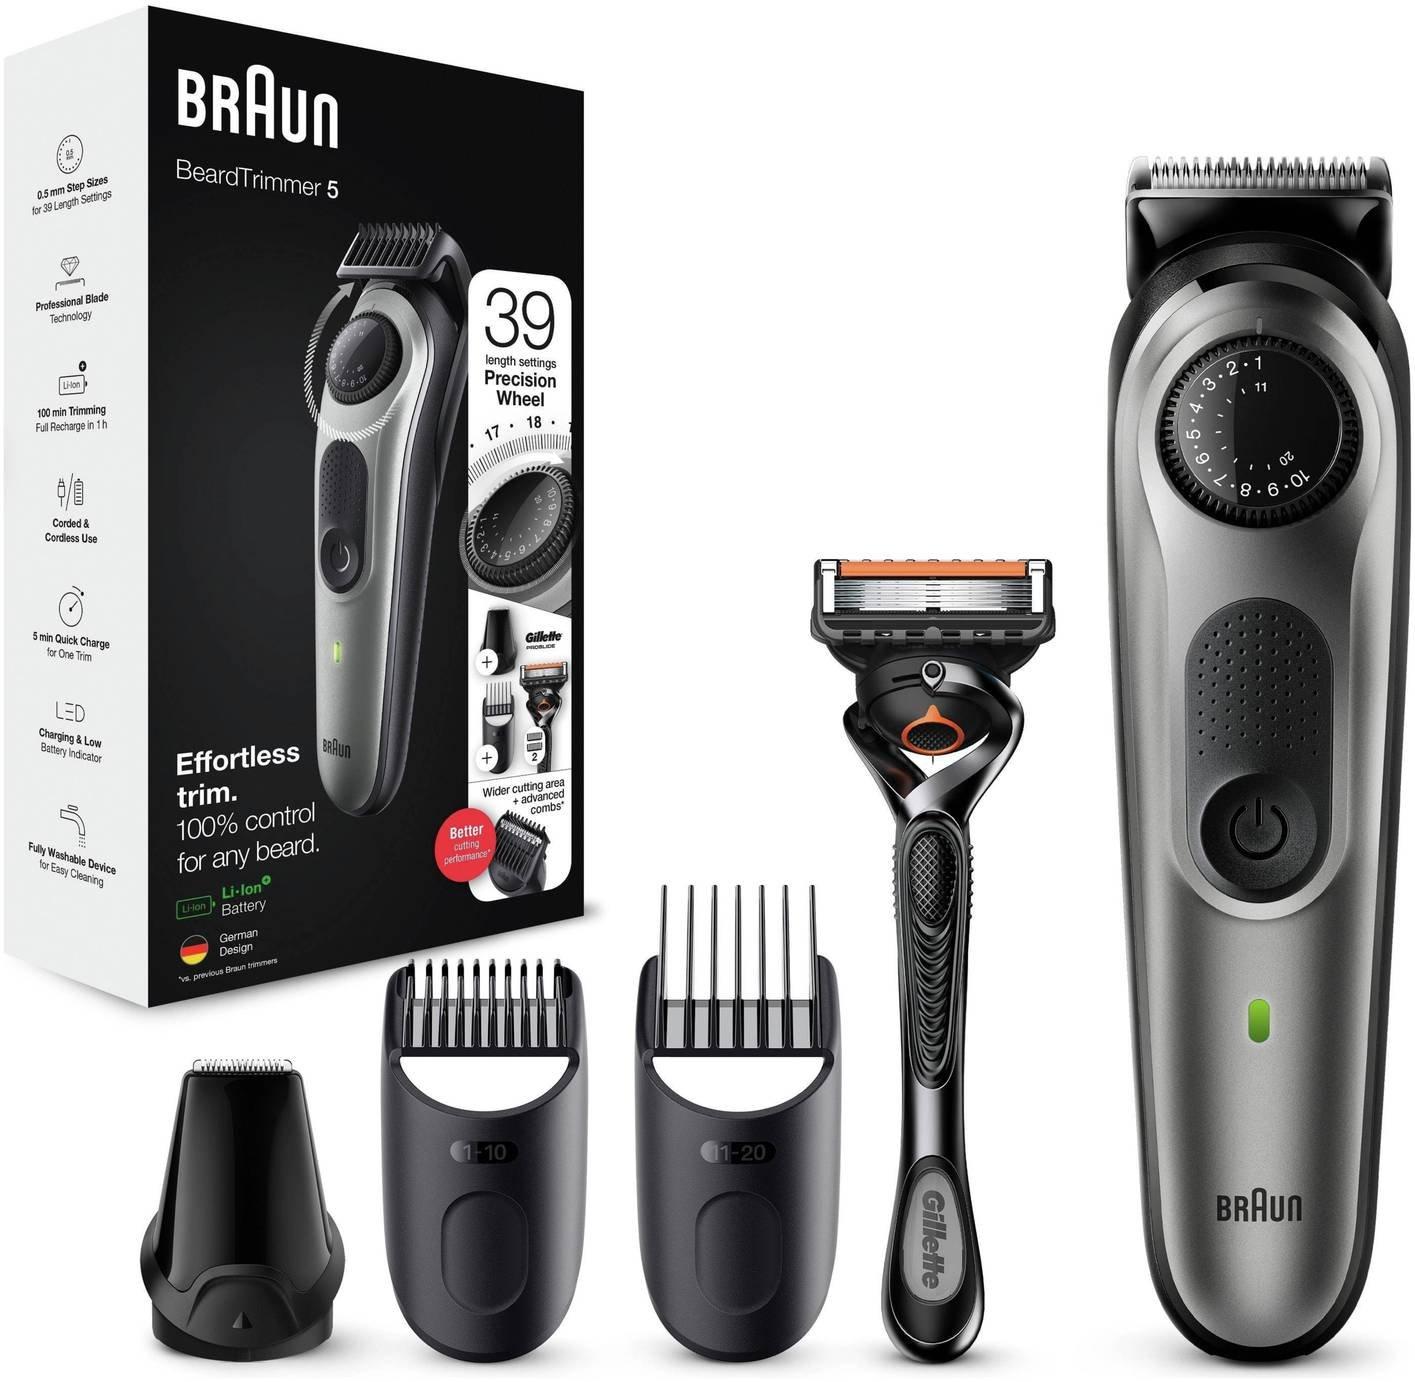 Braun Beard Trimmer and Hair Clipper BT5060